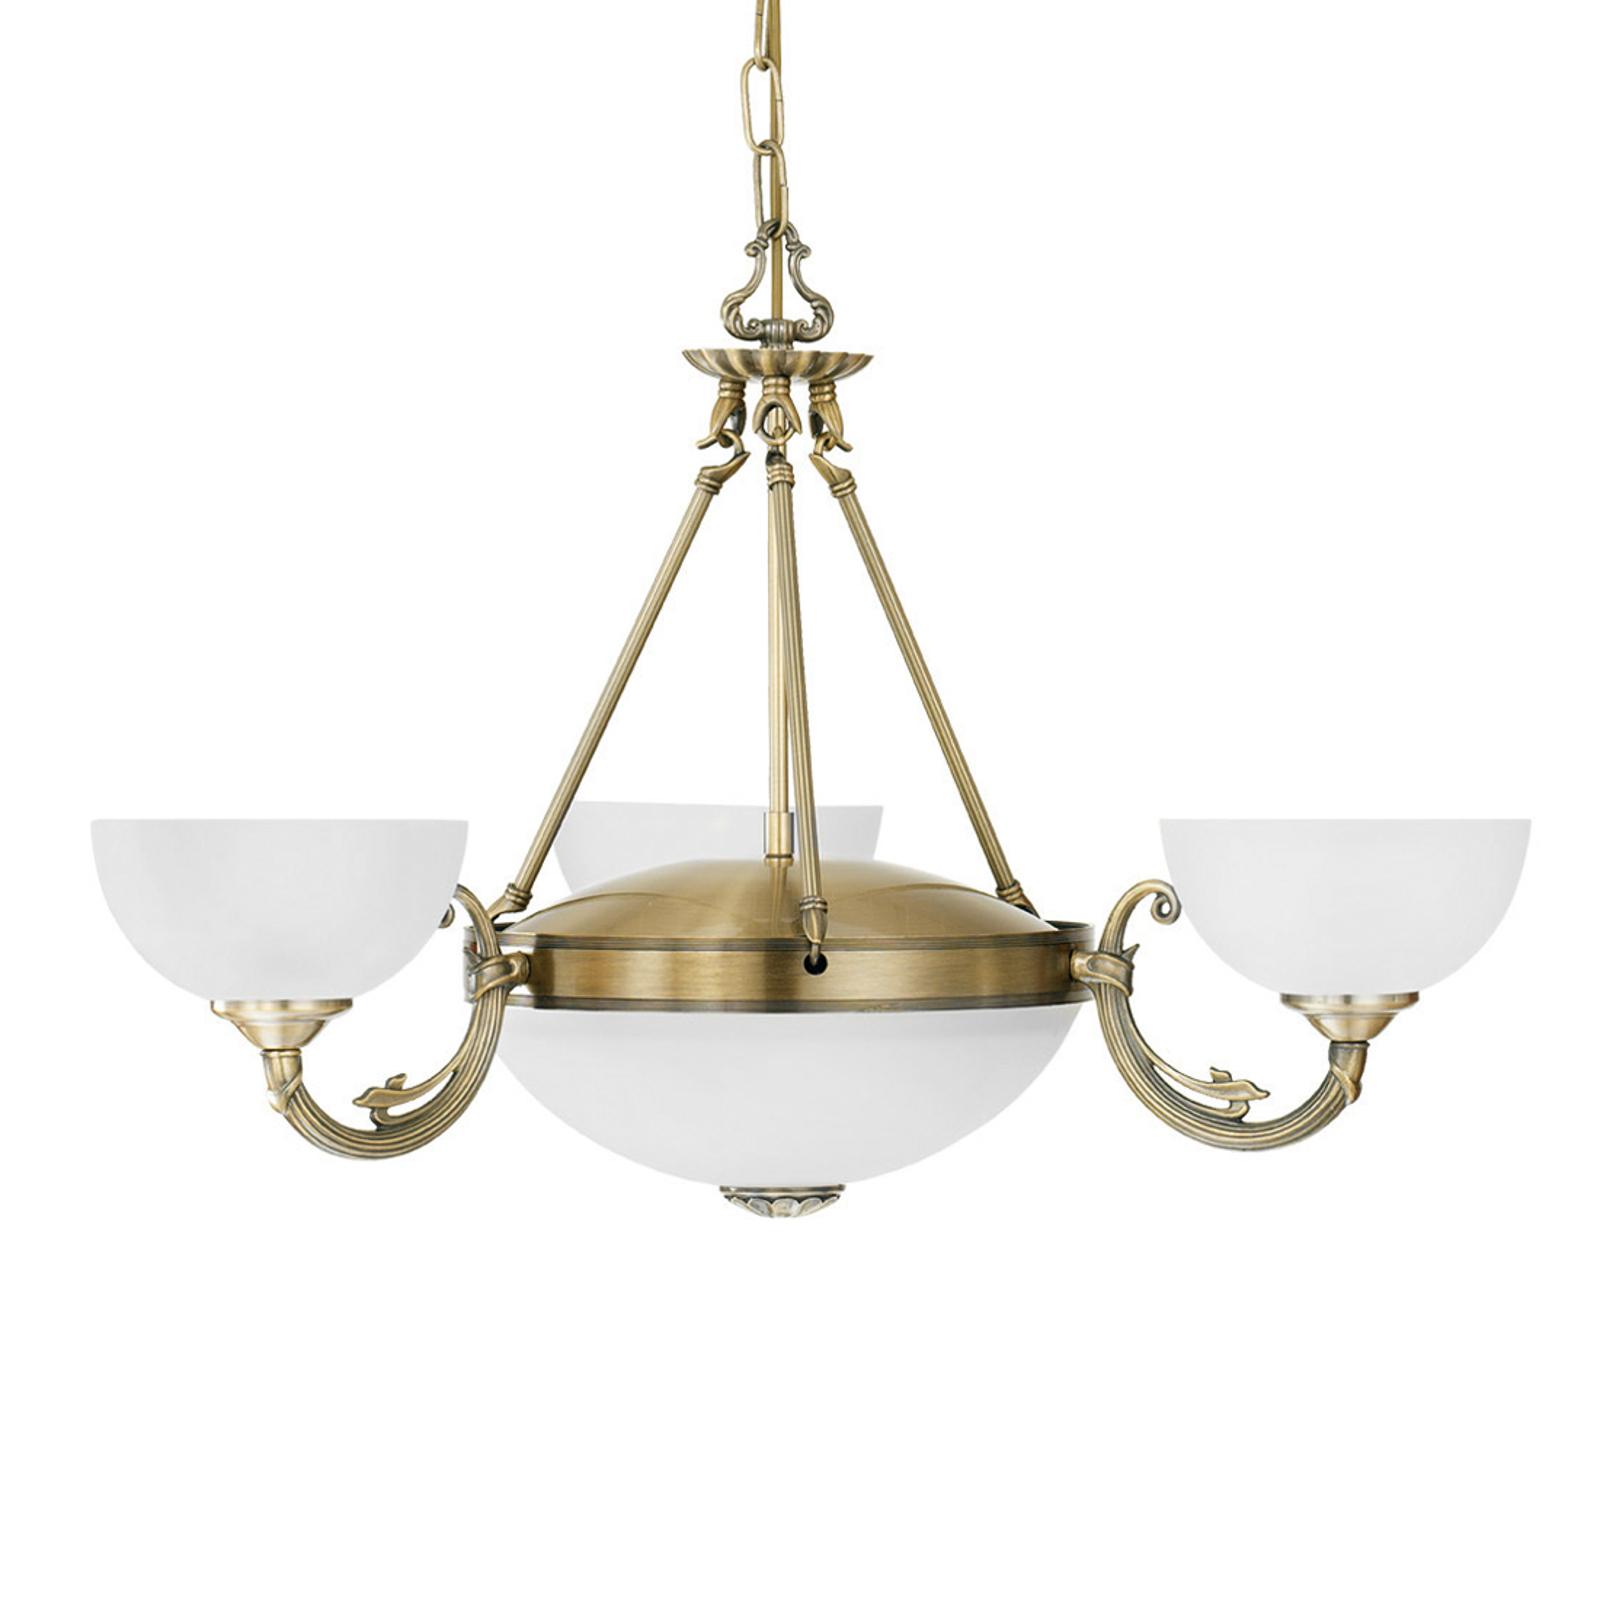 Lampa wisząca Savy, 5-punktowa